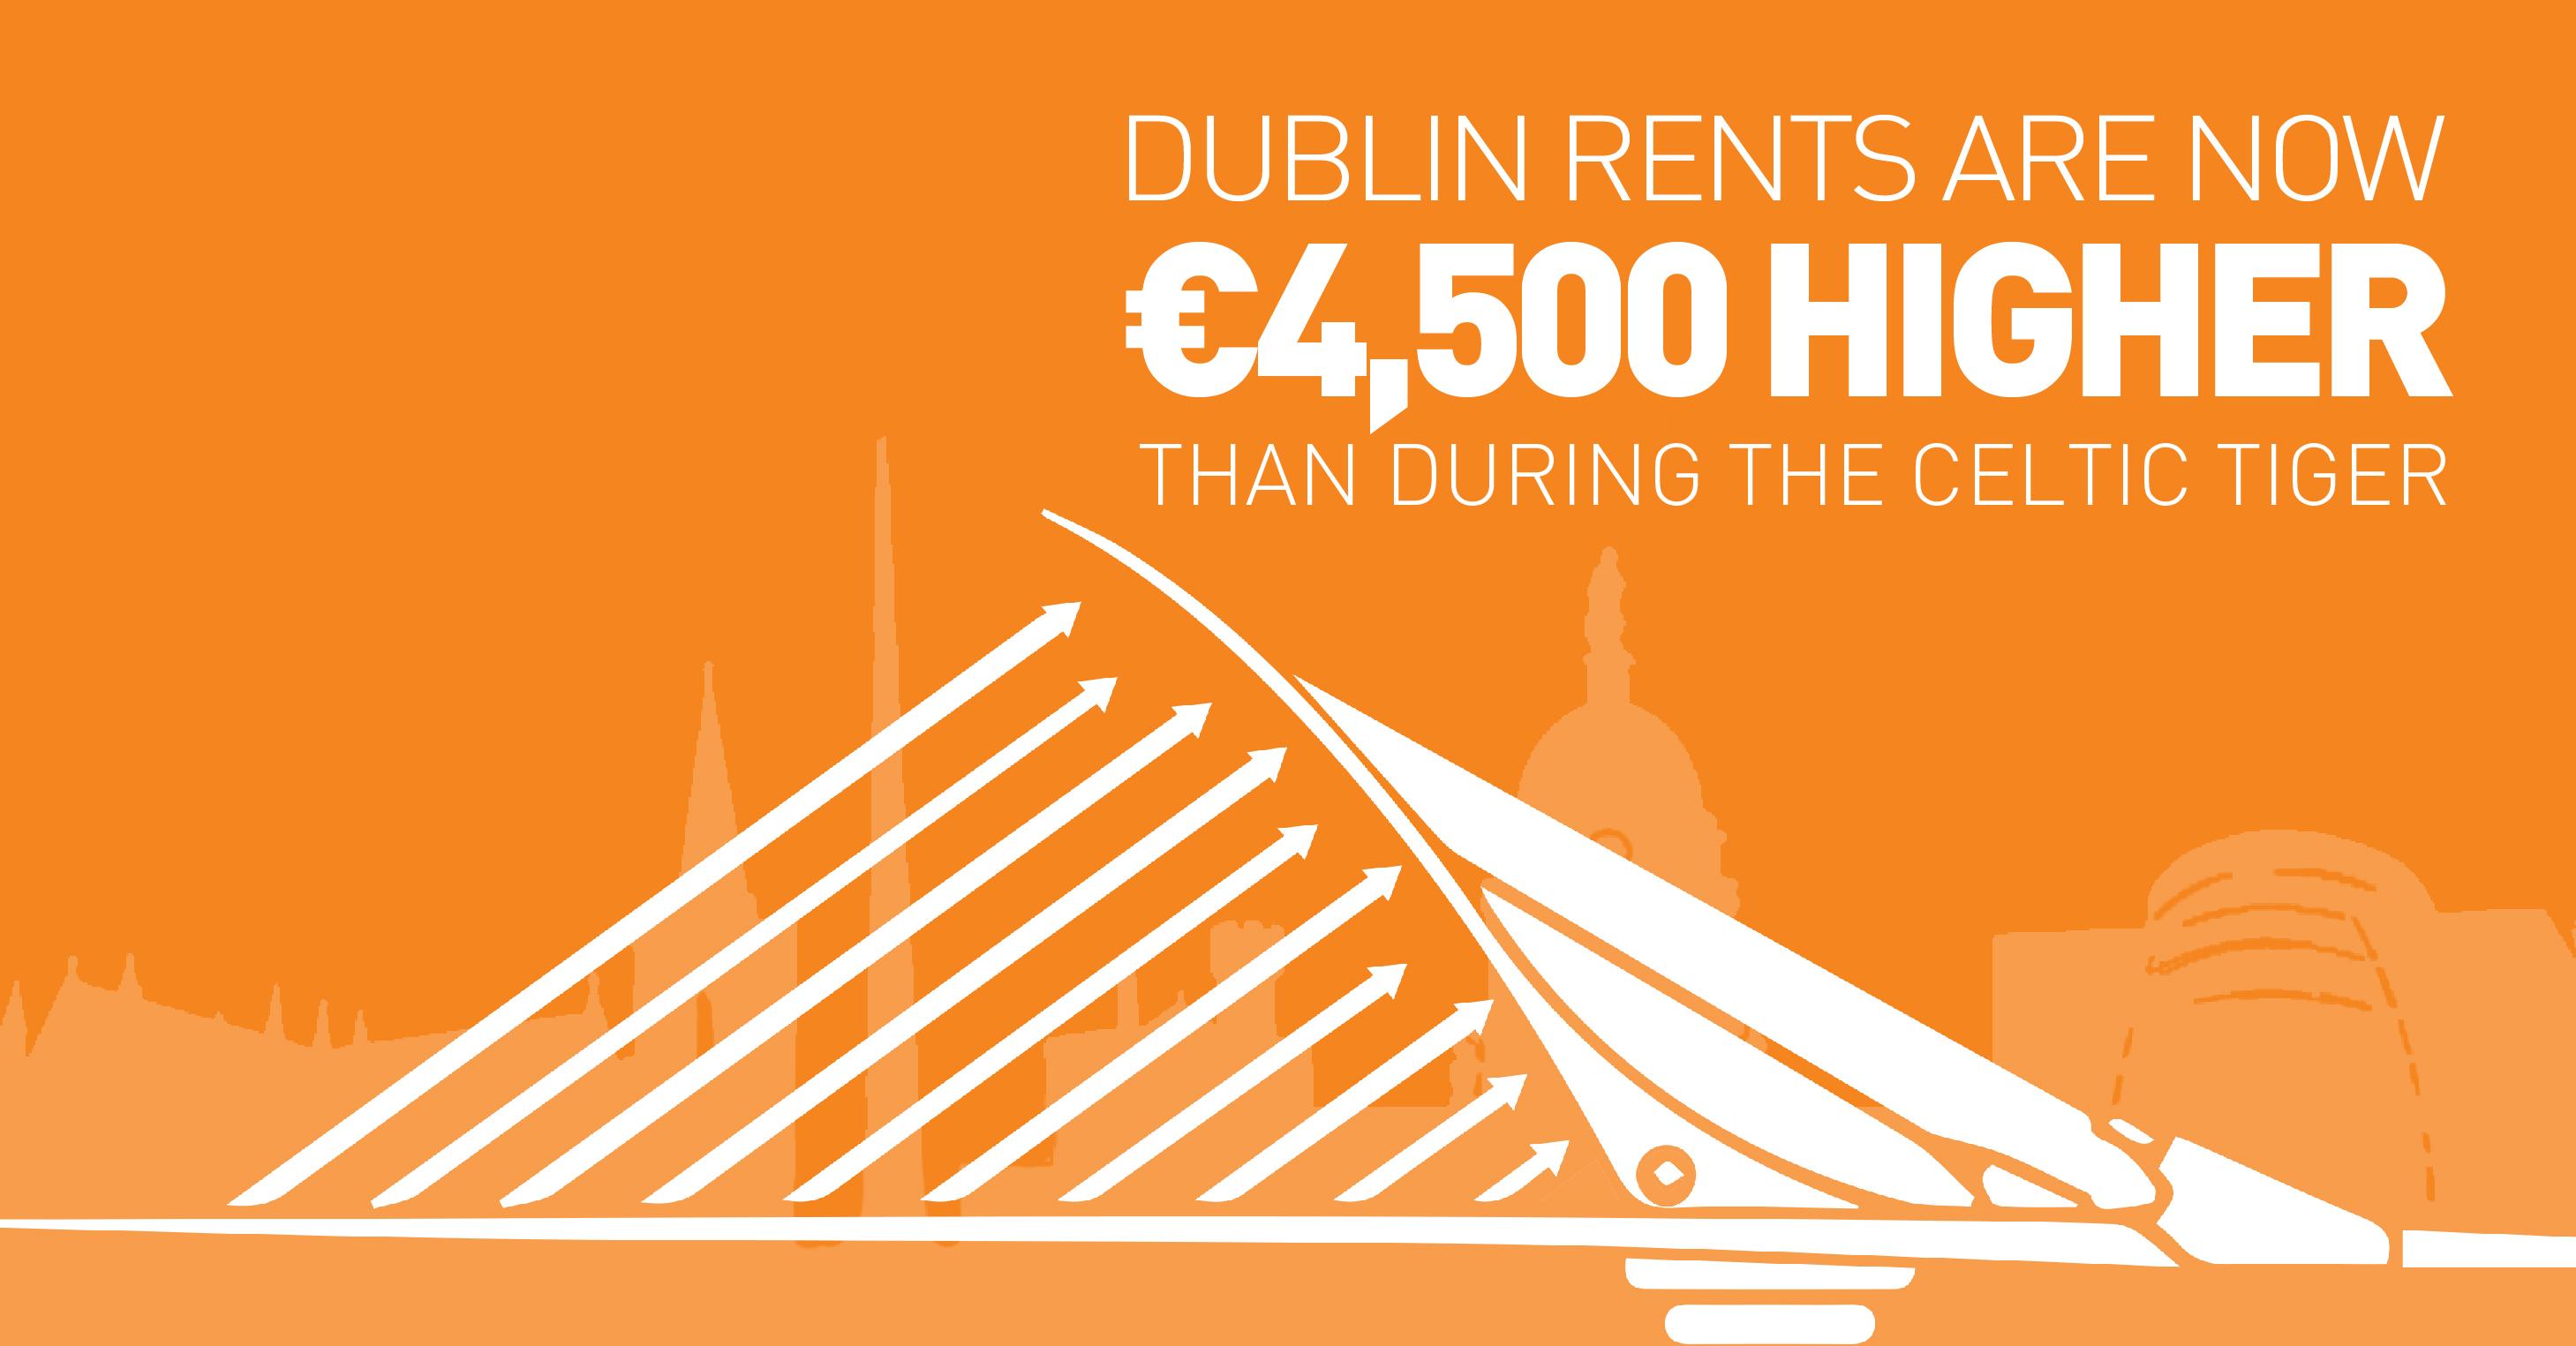 Dublin rents